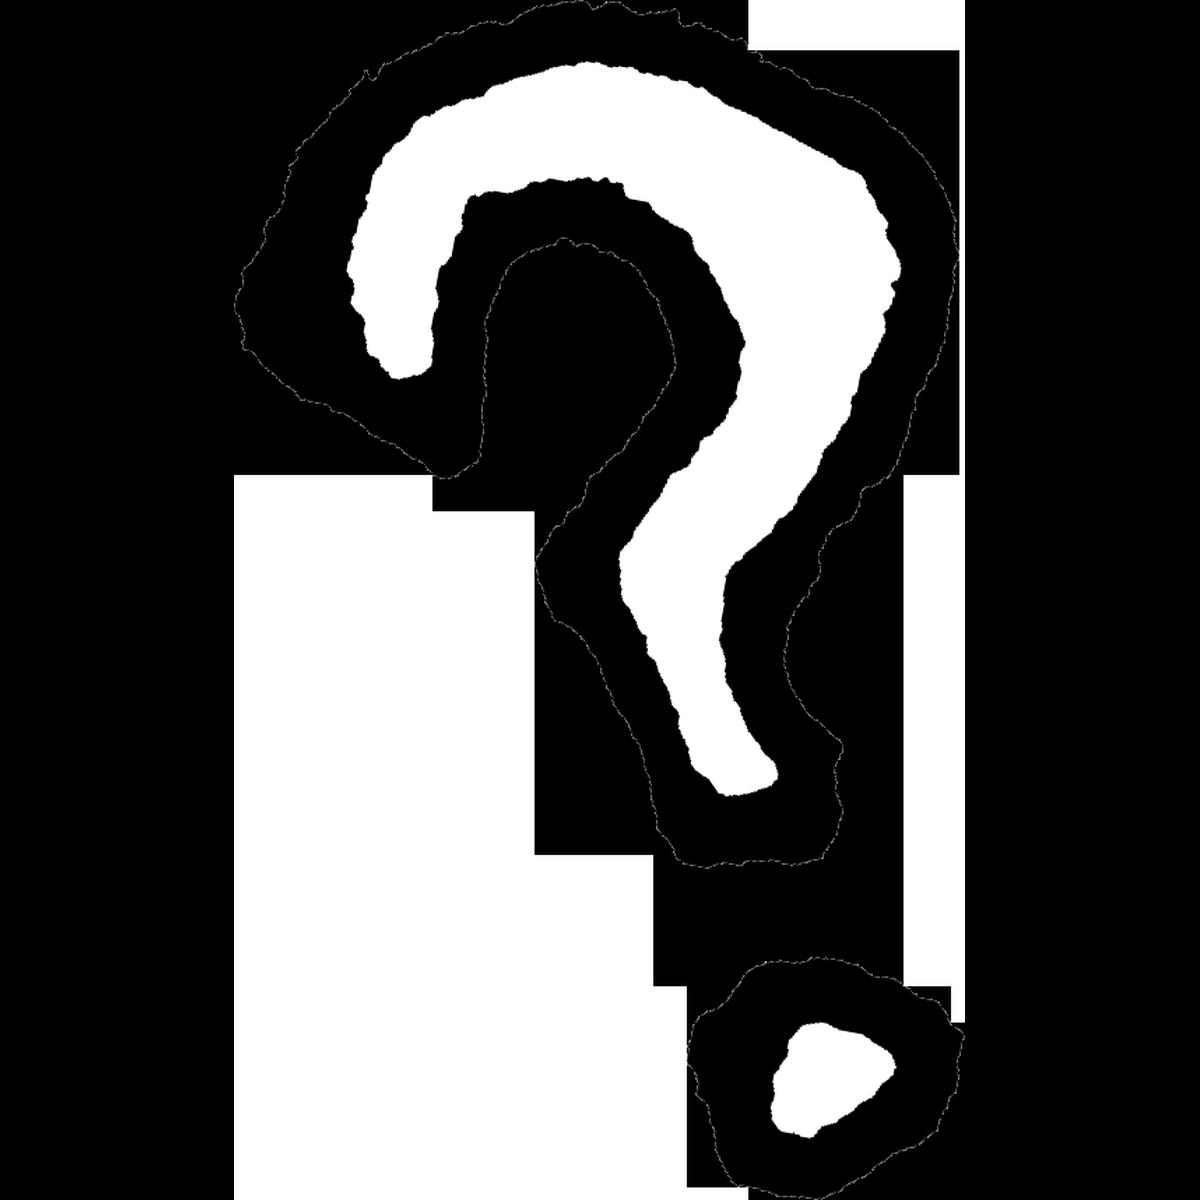 はてなマーク3のイラスト Question mark Illust